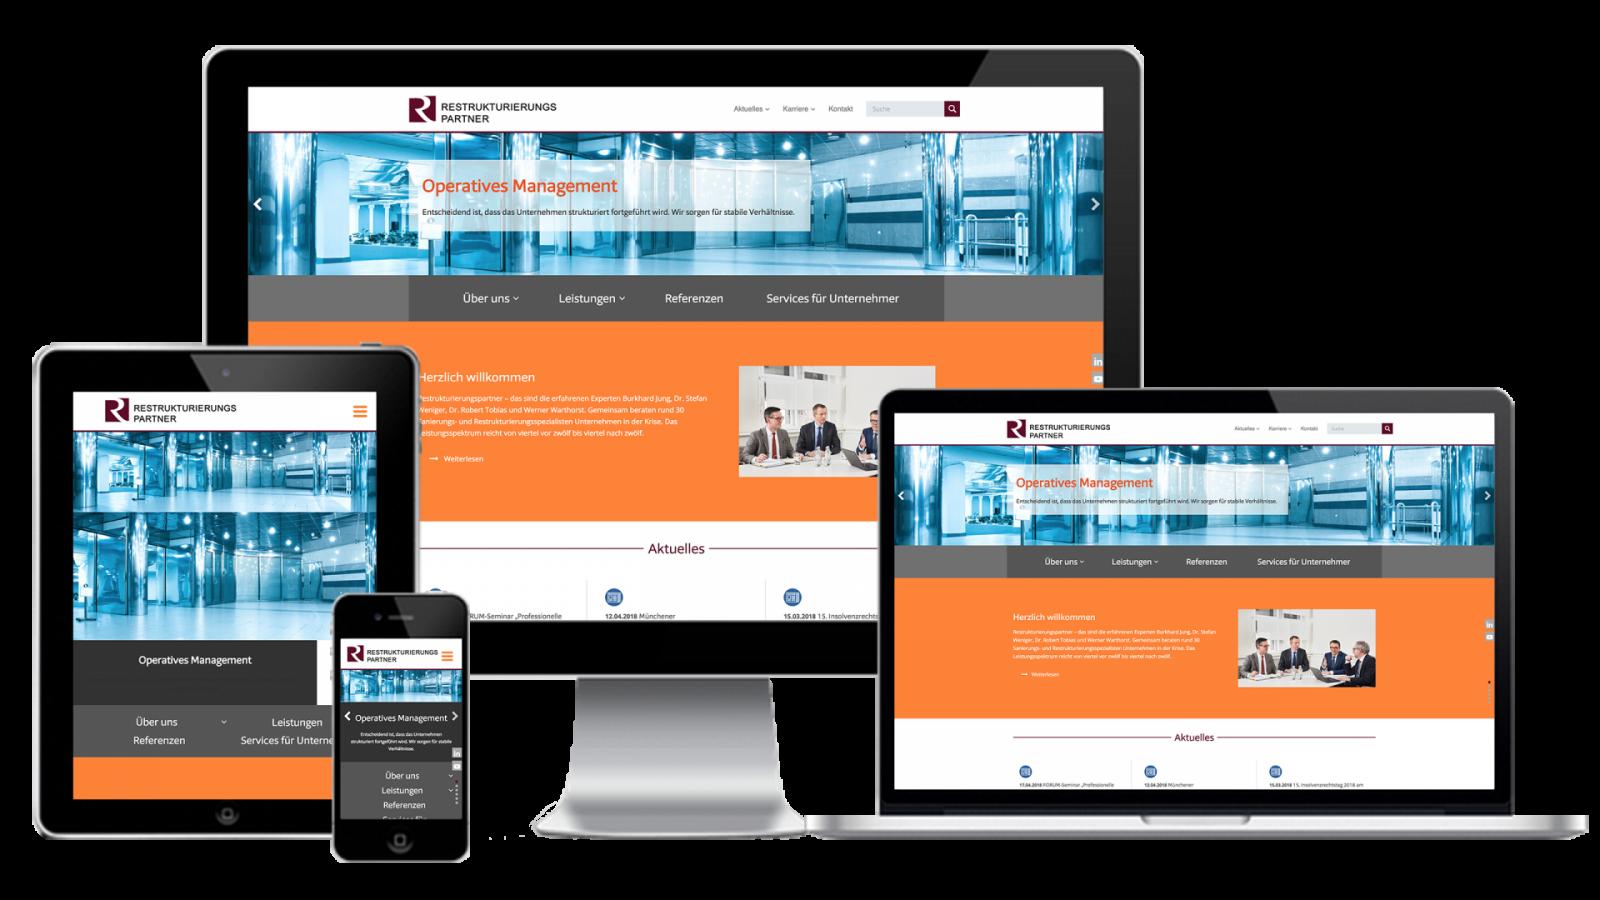 Restrukturierungspartner jwt GmbH & Co. KG